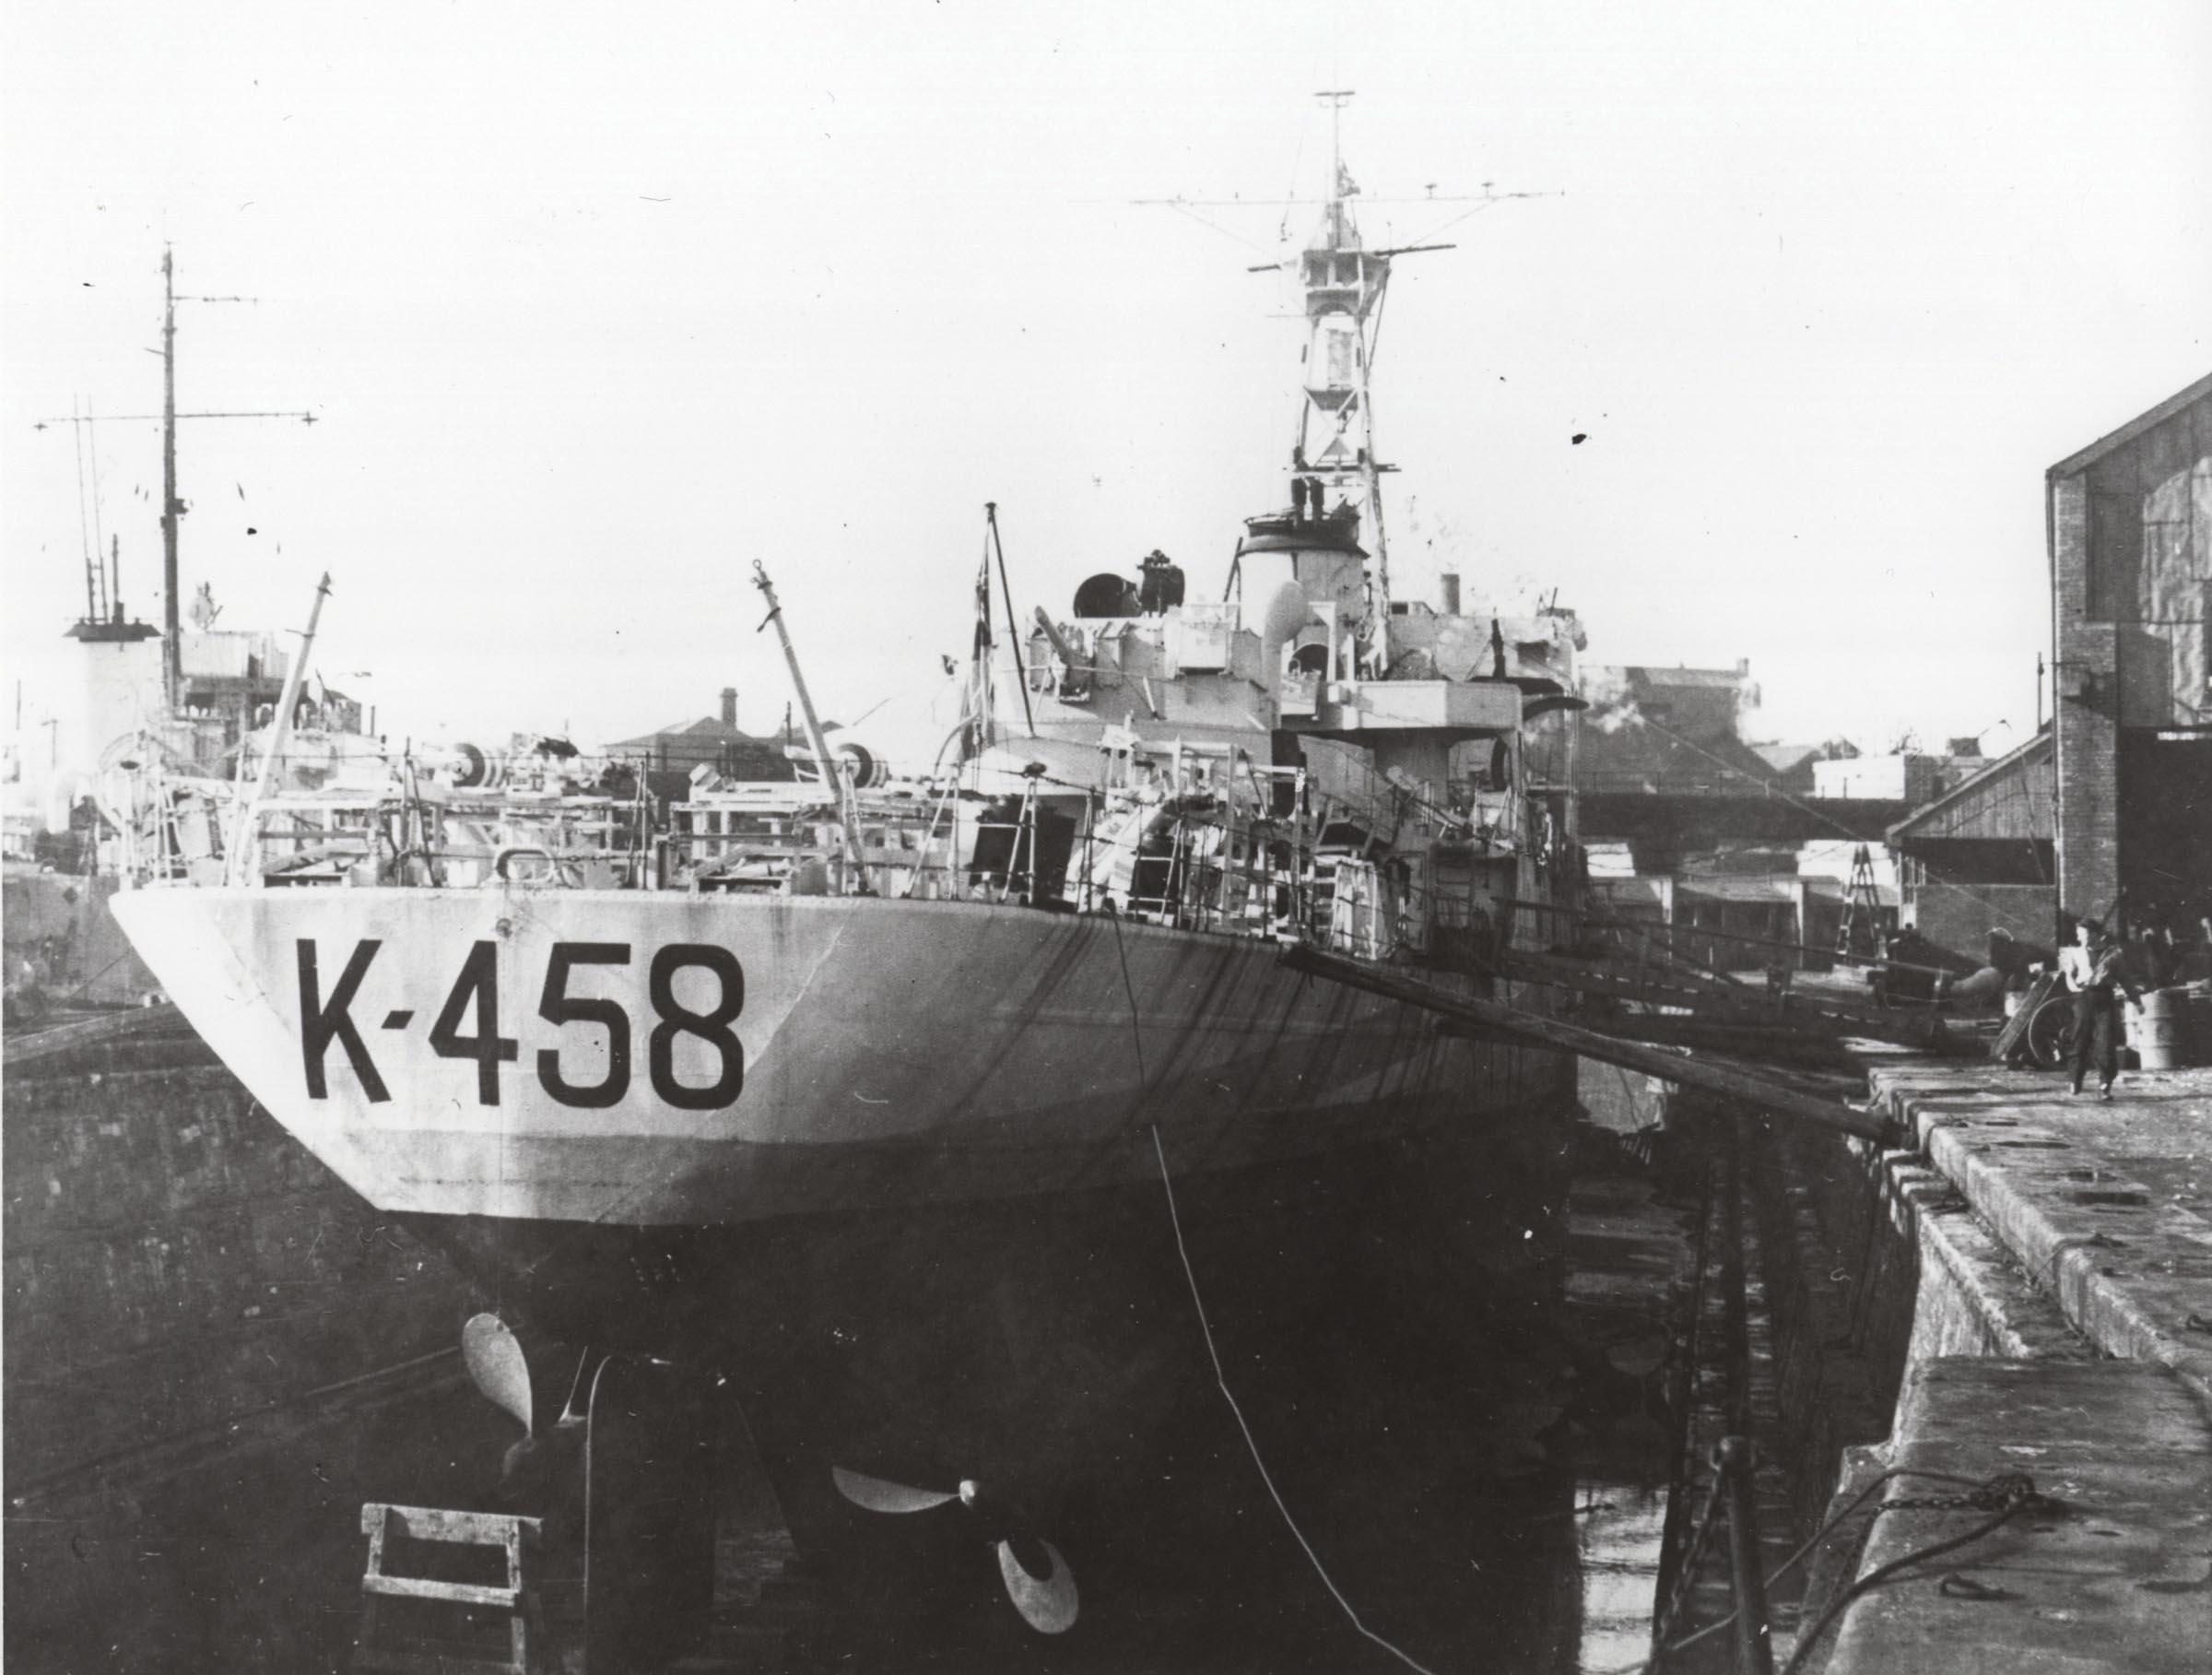 HMCS TEME